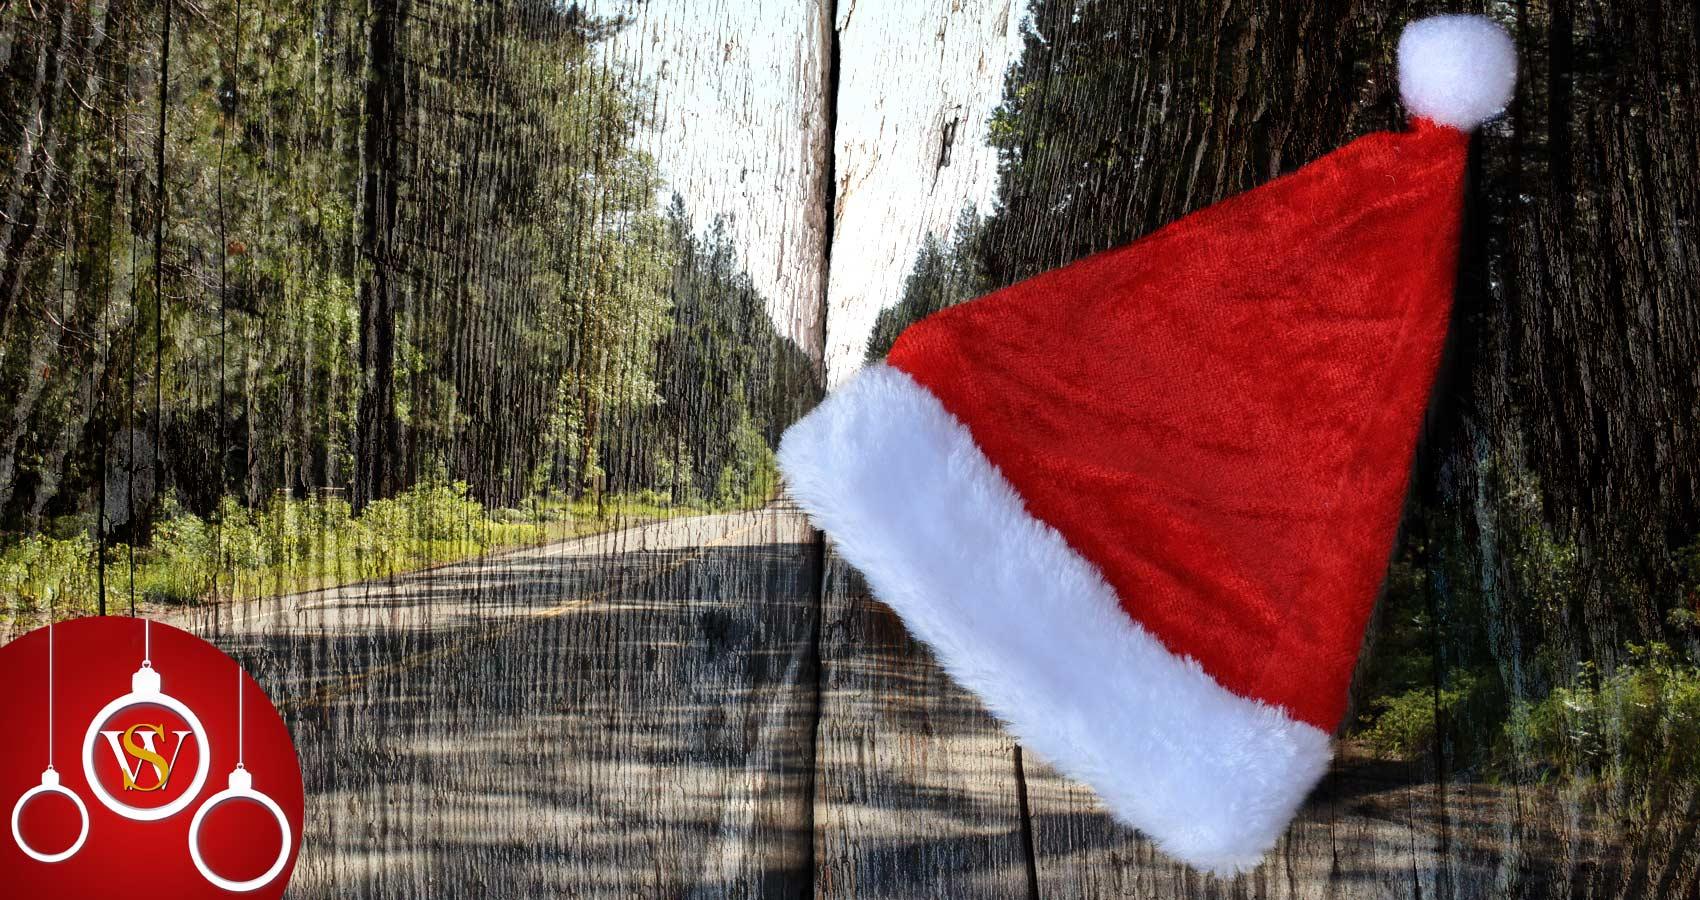 Santa's Village, short story by Charles R. Bucklin at Spillwords.com